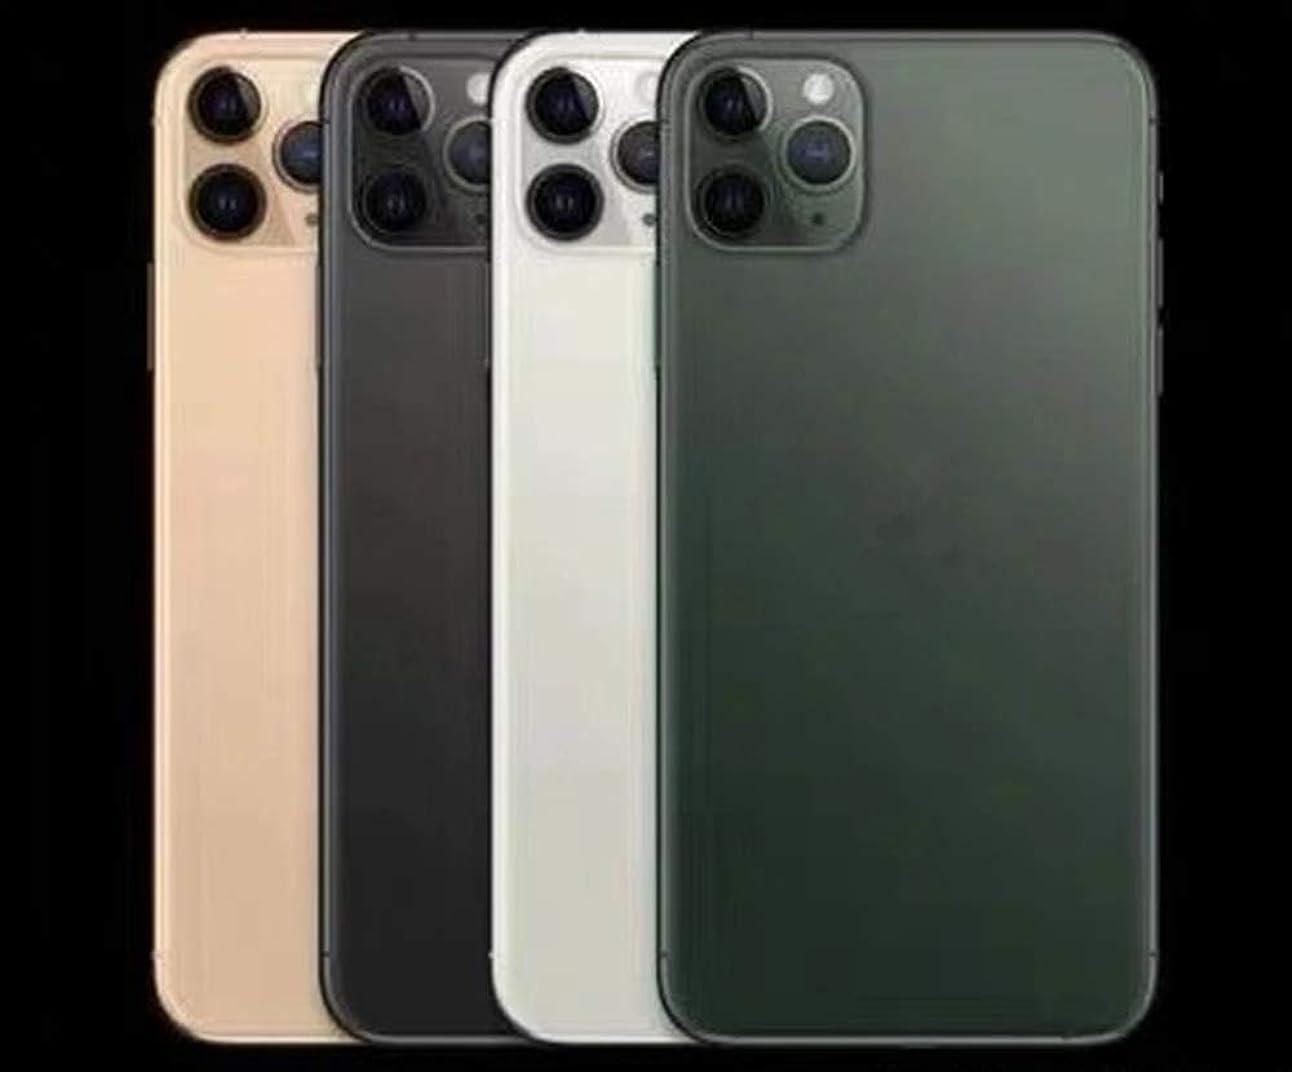 保有者偏見アデレードSomnus258 iphone11 pro MAX モックアップ 展示用 模型 iphone オフスクリーン(グレー, iPhone 11 pro max)